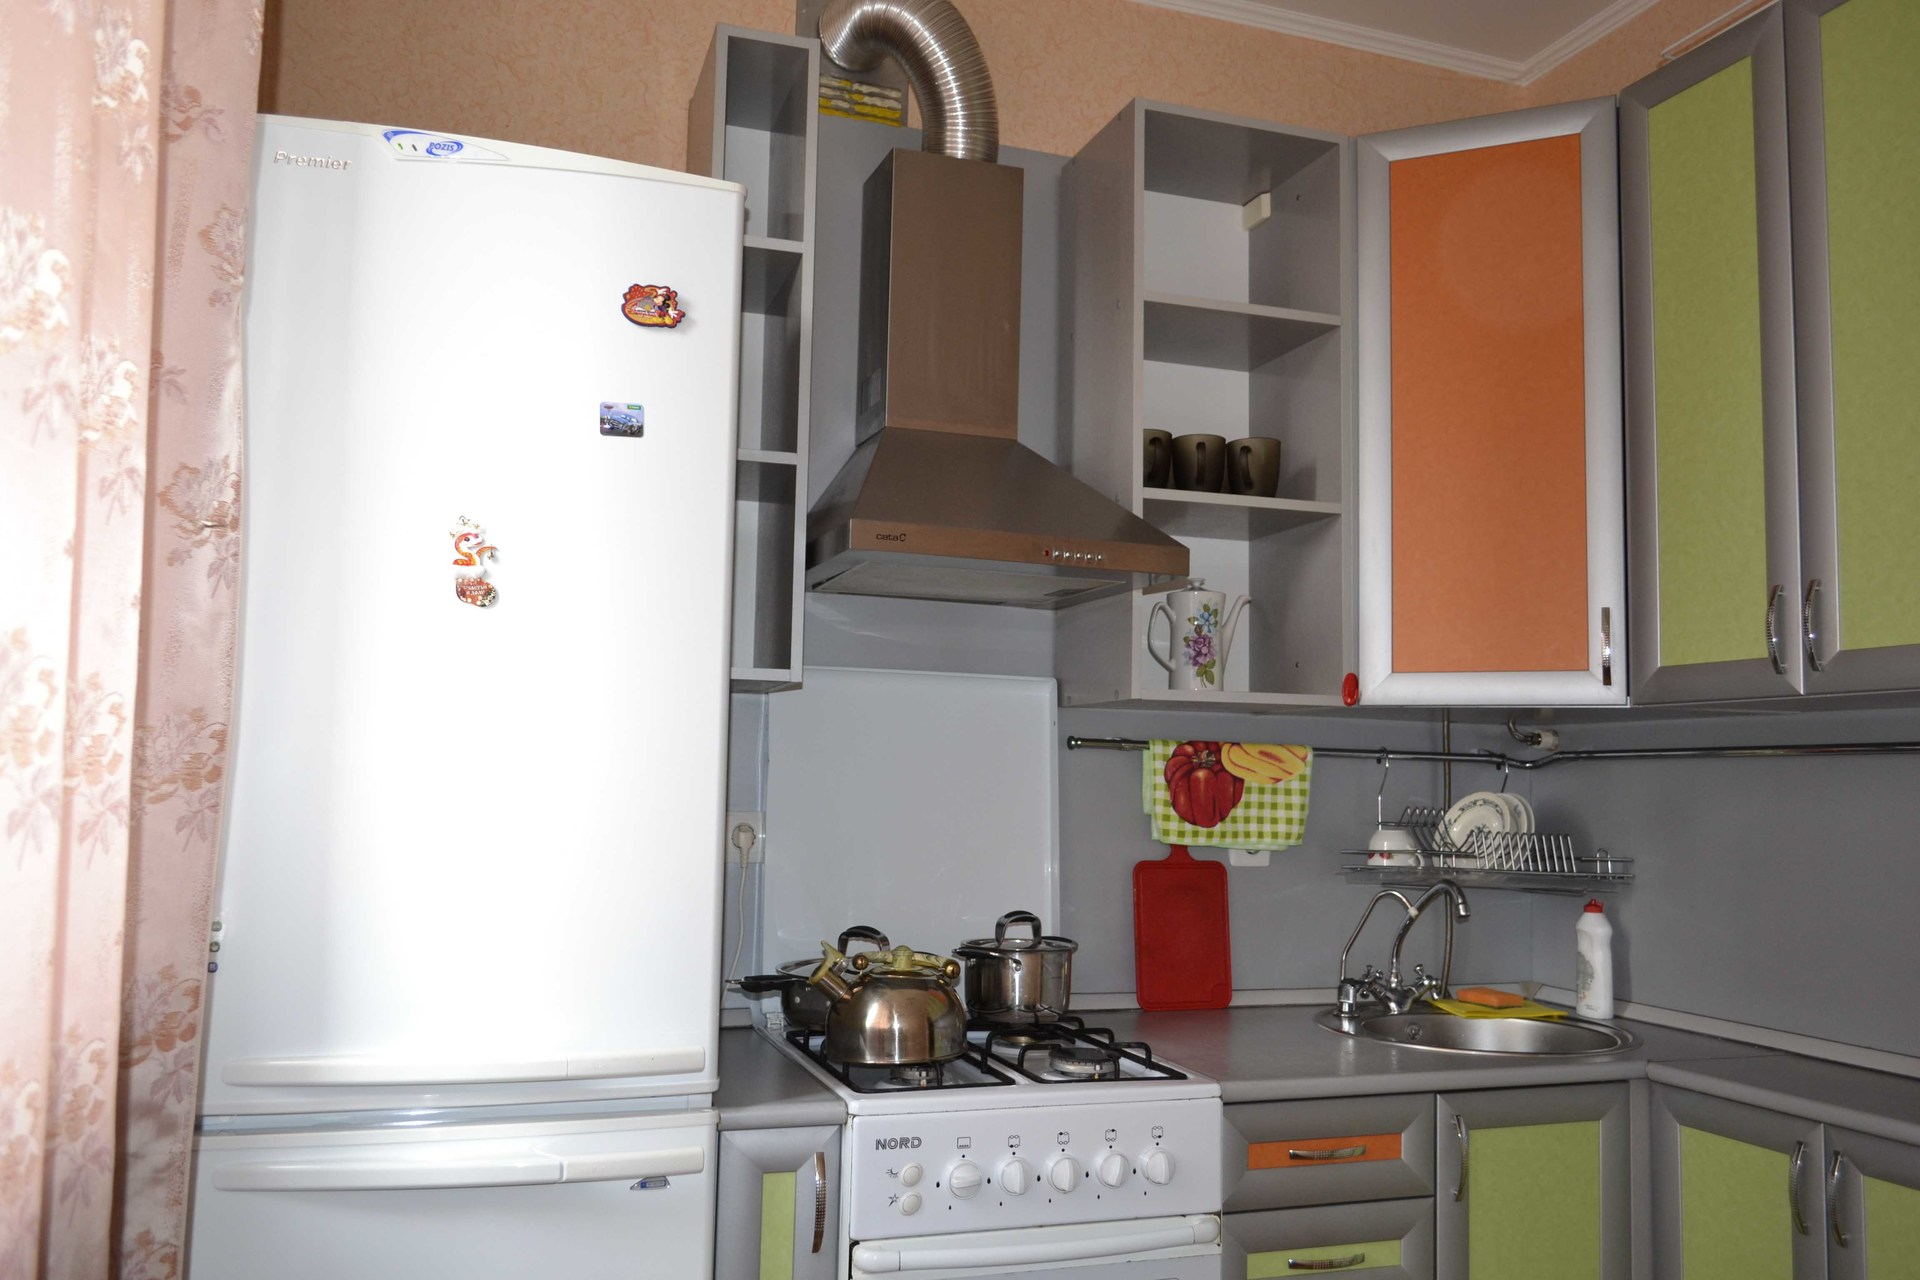 Можно ли ставить холодильник рядом с газовой трубой? 31 фото: установка рядом с котлом и тяжелые предметы